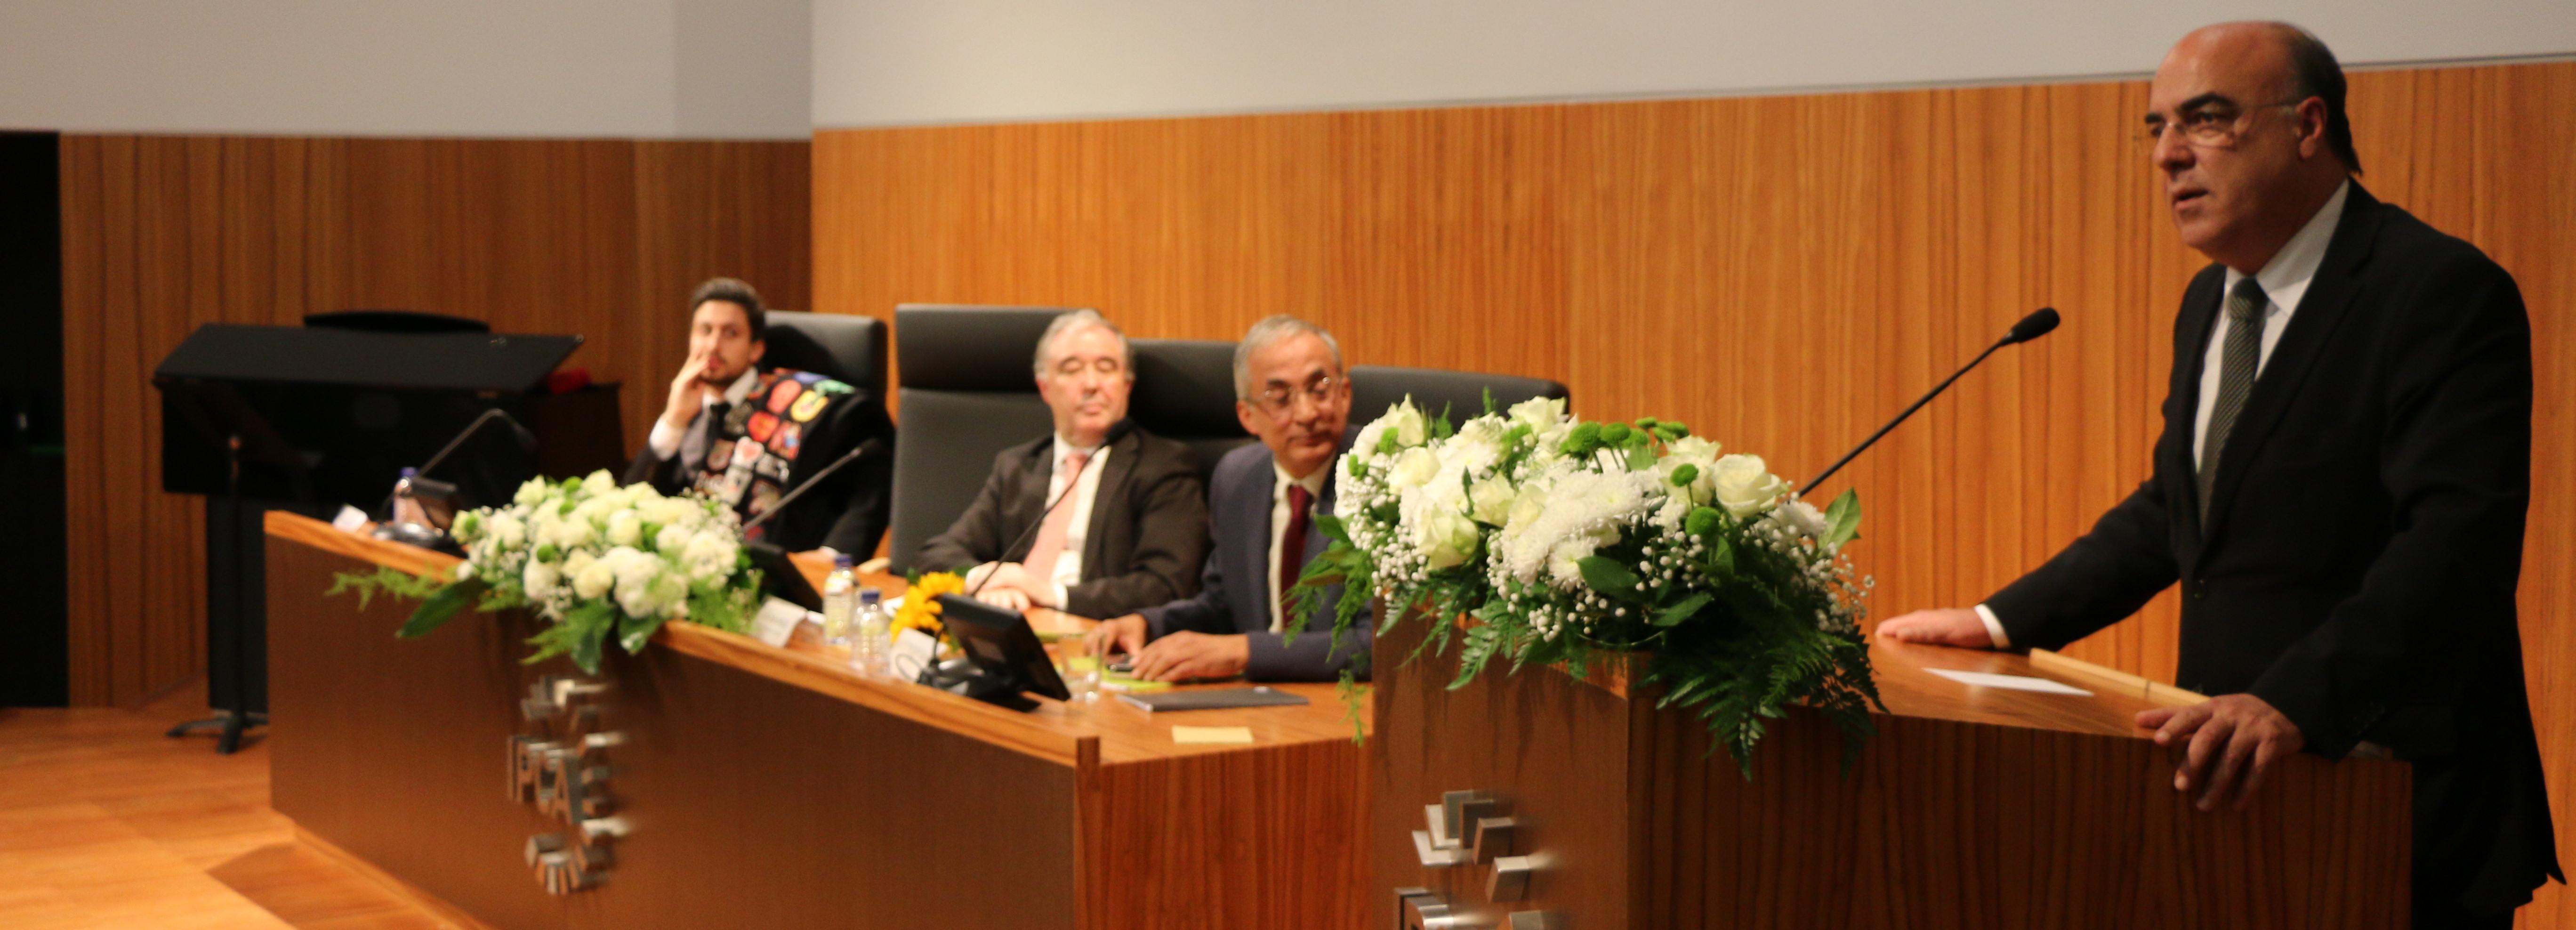 Presidente da Câmara na tomada de posse do presidente do IPCA